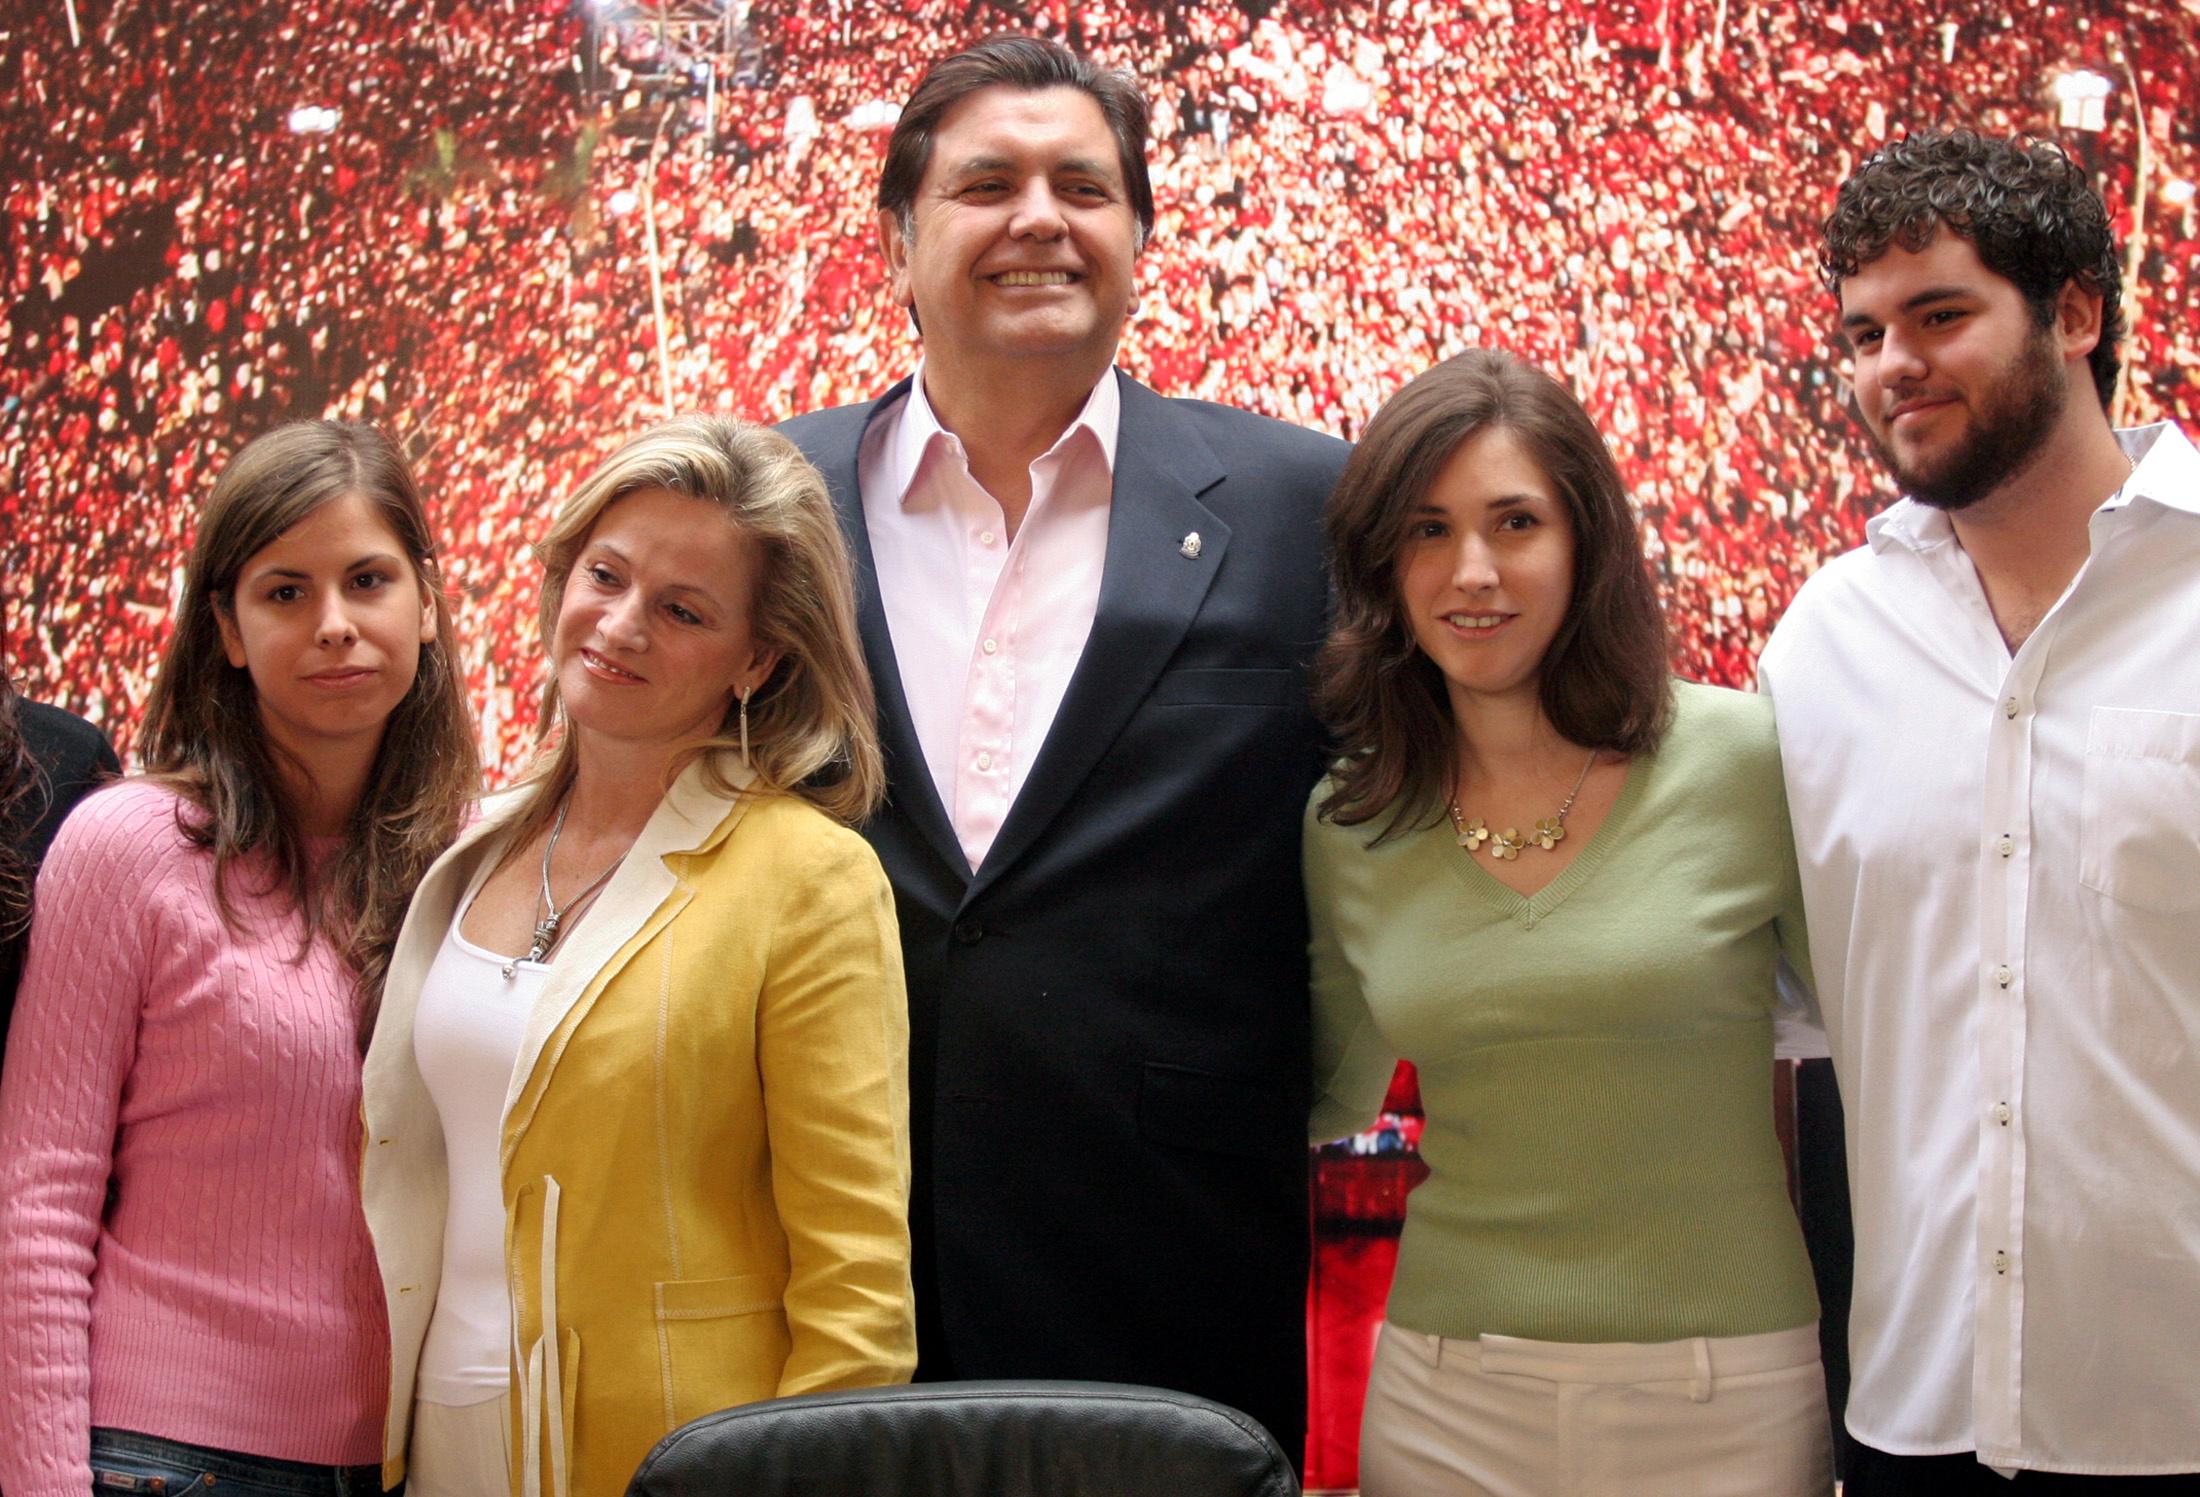 El ex mandatario junto a Pilar Nores, su ex esposa, y tres de sus hijos. Posteriormente reconoció a un hijo extramatrimonial